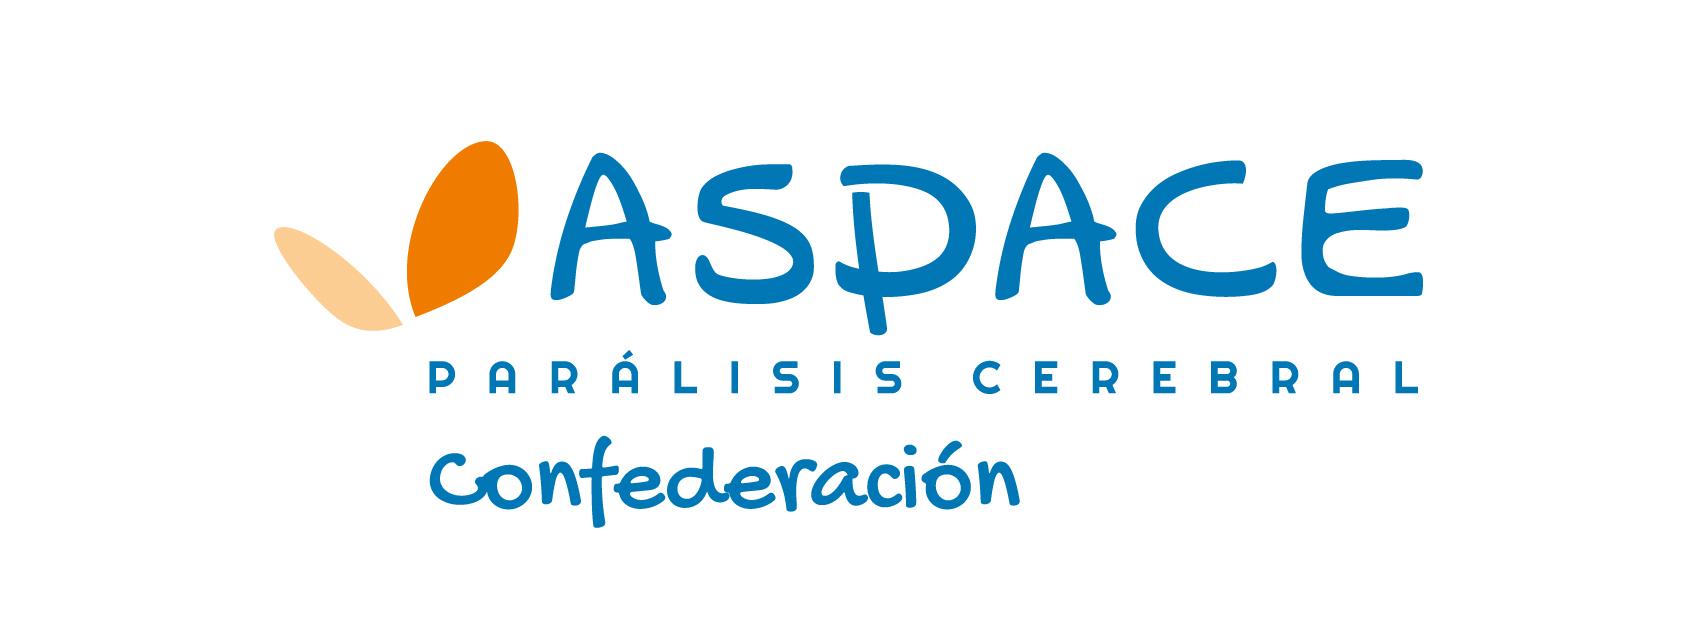 Confederación ASPACE